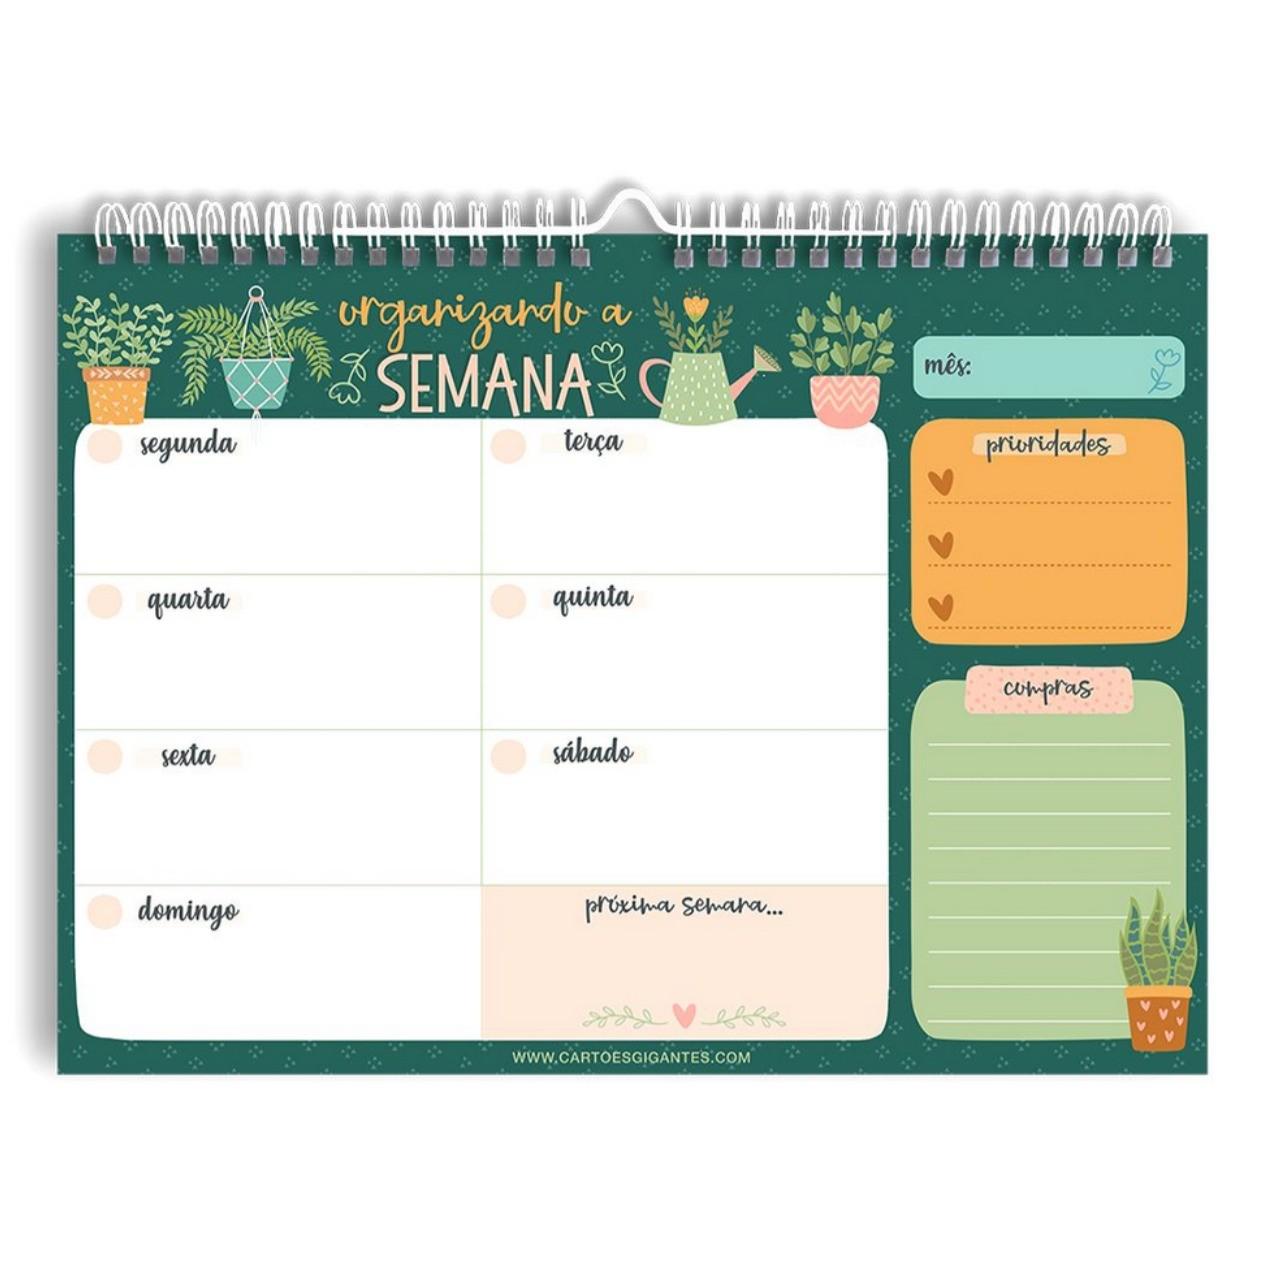 Organização Semanal - Cartões Gigantes - Wall Planner